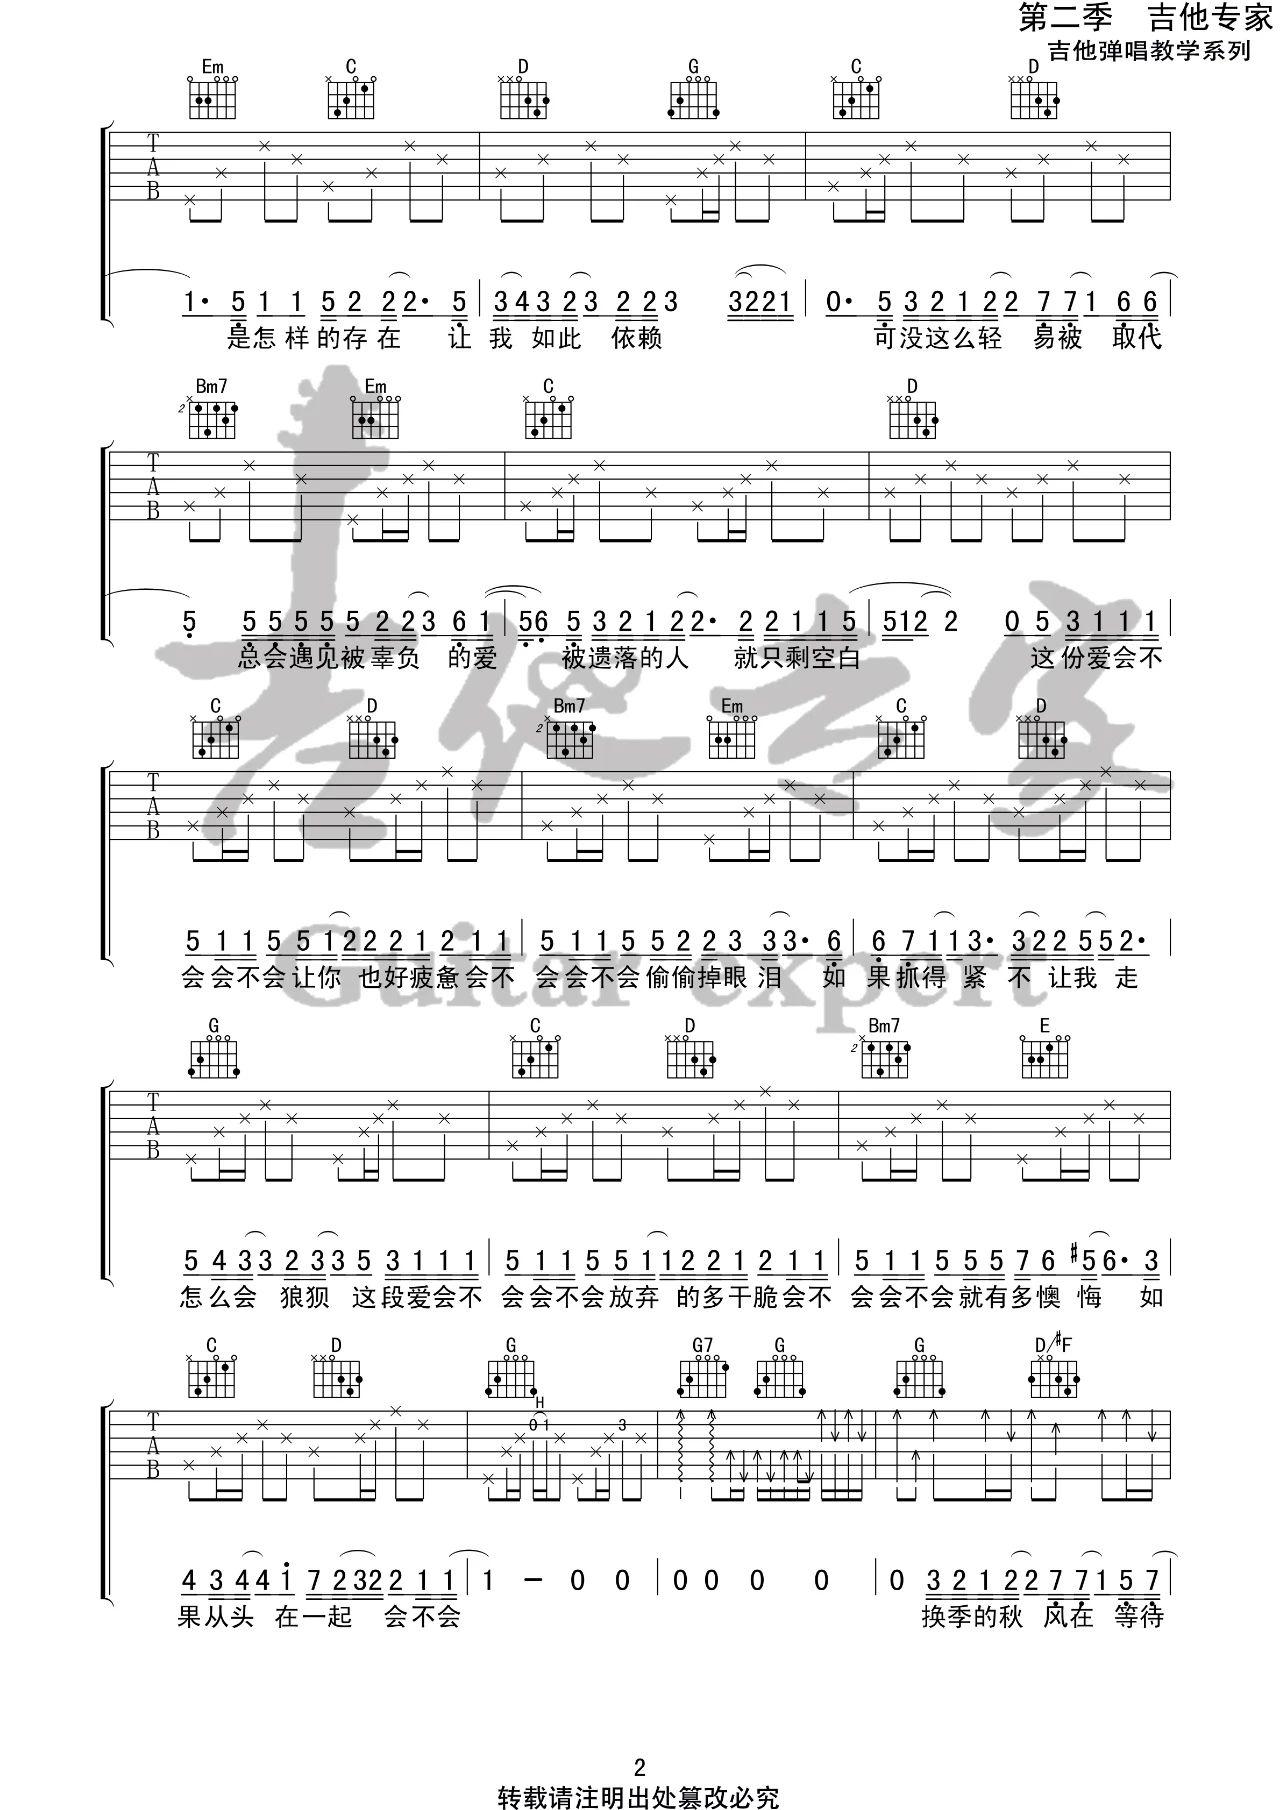 有没有特别伤感的歌_《会不会》吉他谱_刘大壮_G调弹唱伴奏谱_吉他专家-吉他派